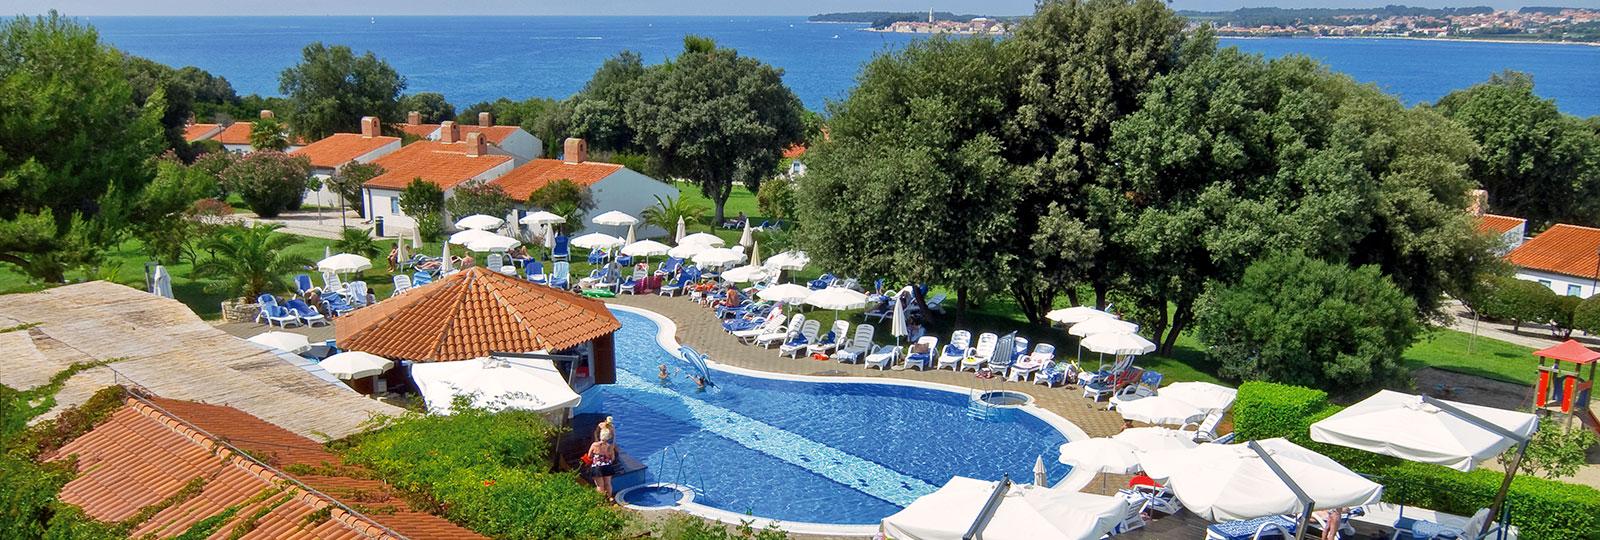 Einrichtungen  Valamar Tamaris Villas Pore Kroatien